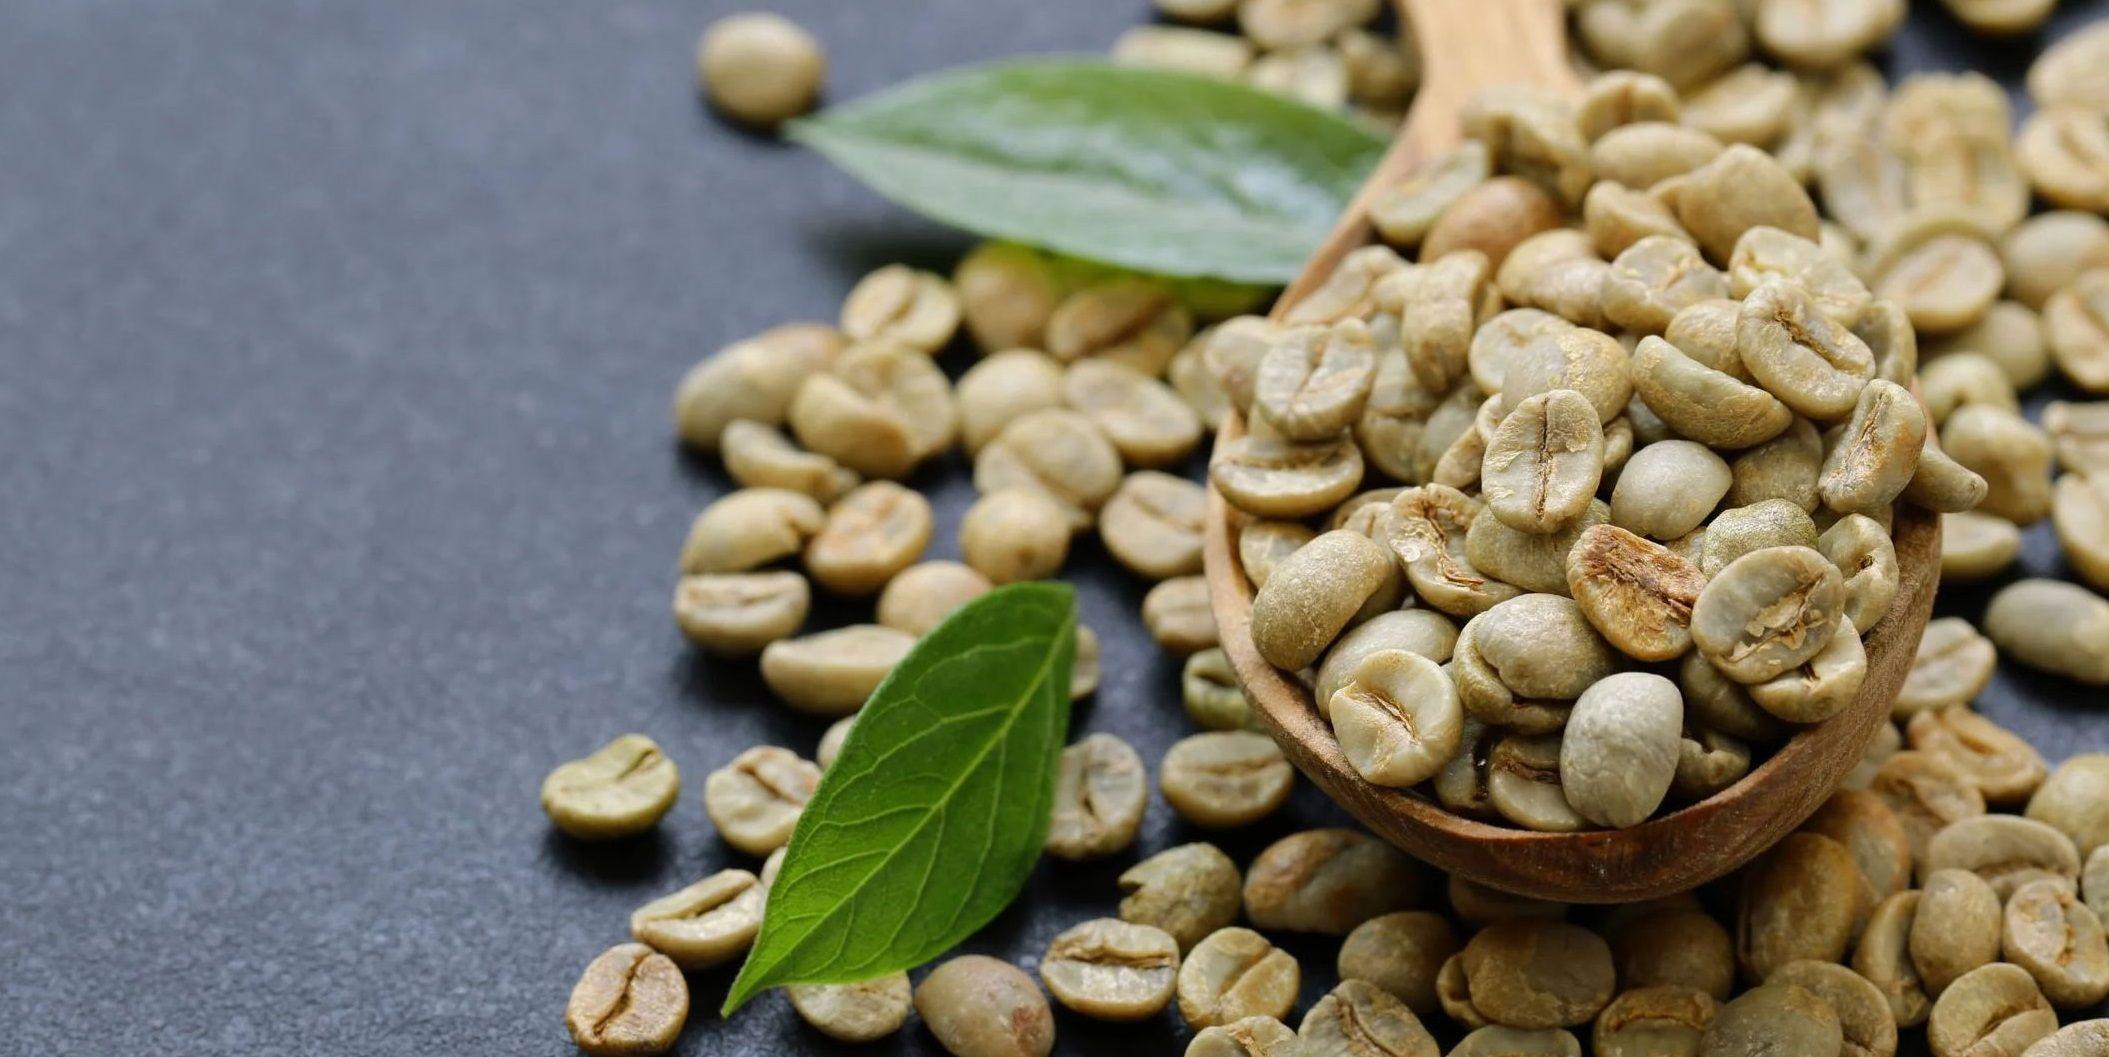 اضرار القهوة الخضراء للصحة